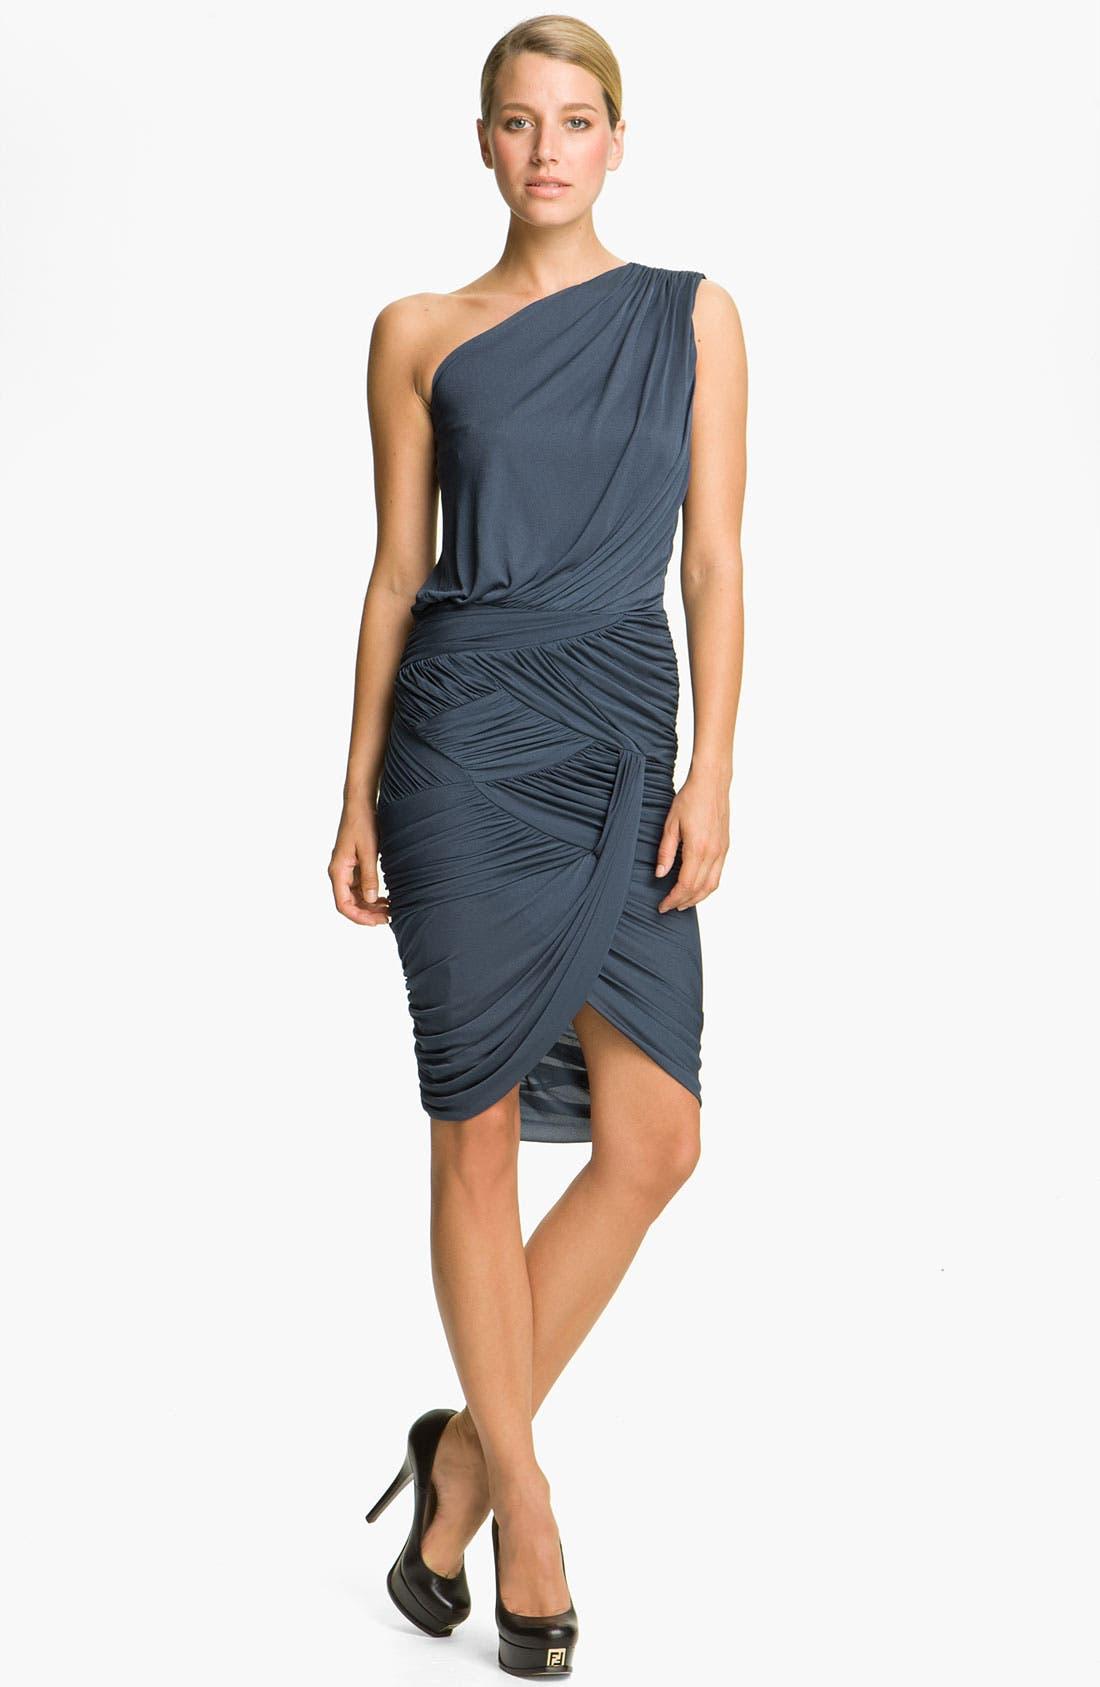 Alternate Image 1 Selected - Halston Heritage Dresses Draped One Shoulder Dress